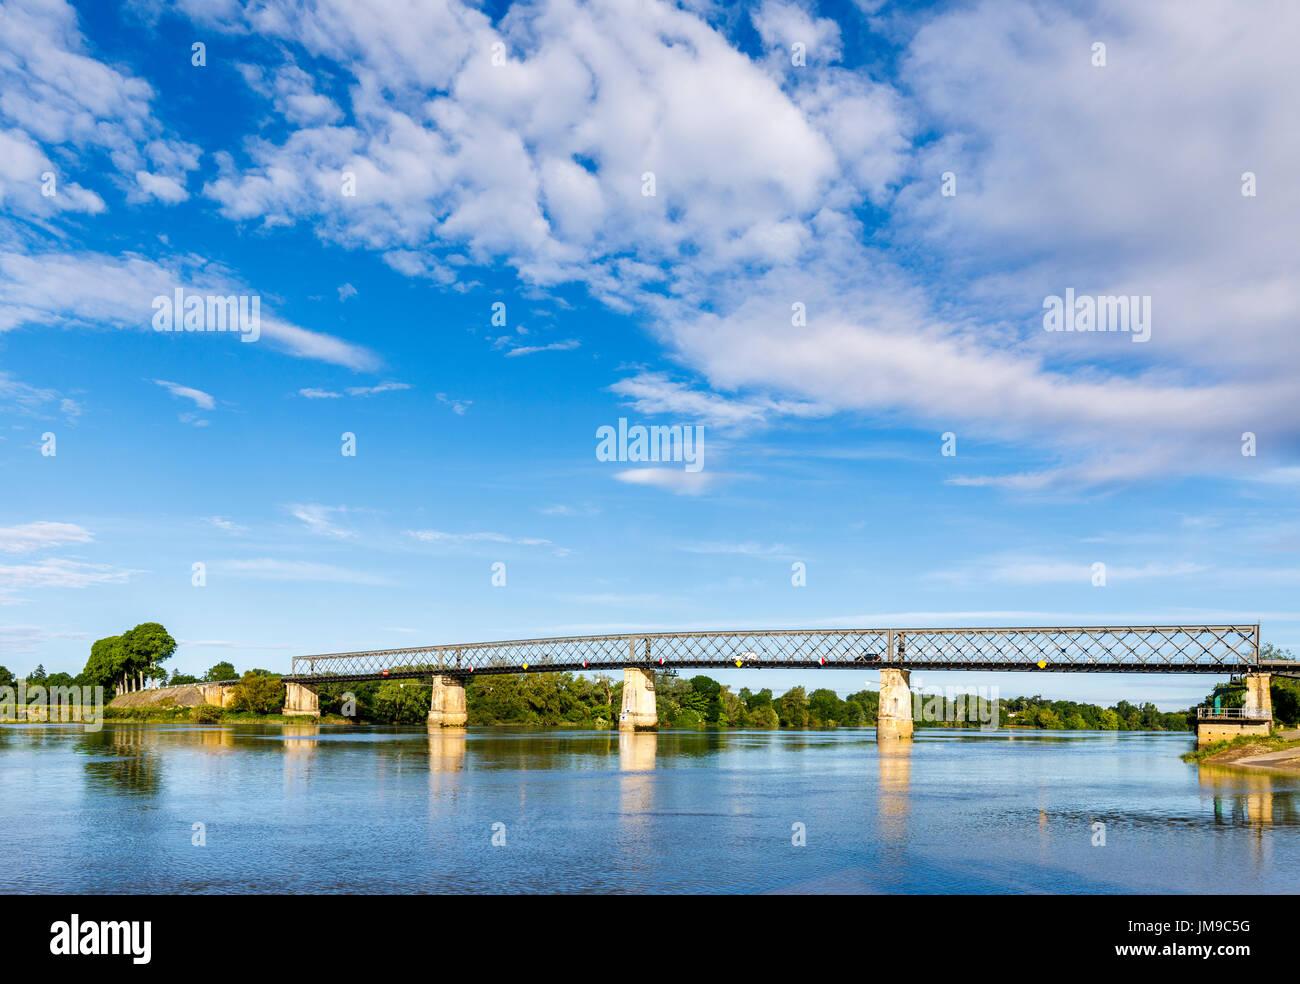 Brücke über den Fluss Garonne, Cadillac, eine Gemeinde im Département Gironde in der Nouvelle-Aquitaine, Südwest-Frankreich Stockbild